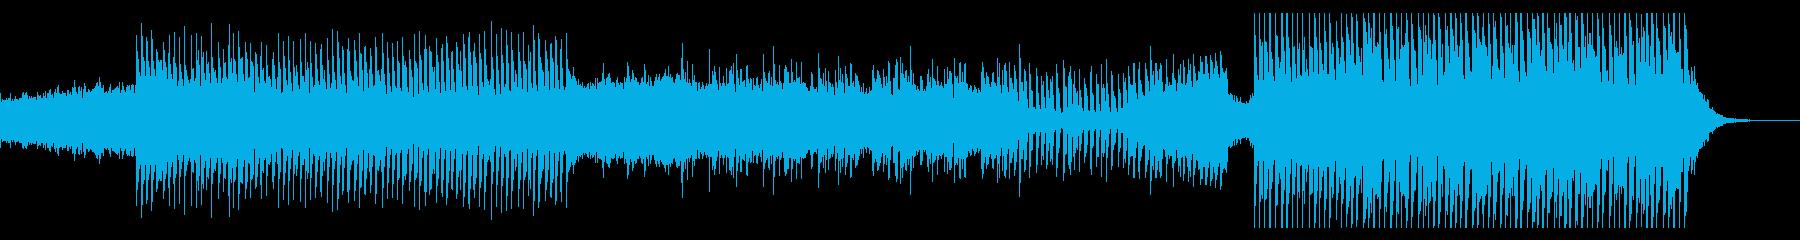 爽やかで軽快なPOP EDMの再生済みの波形